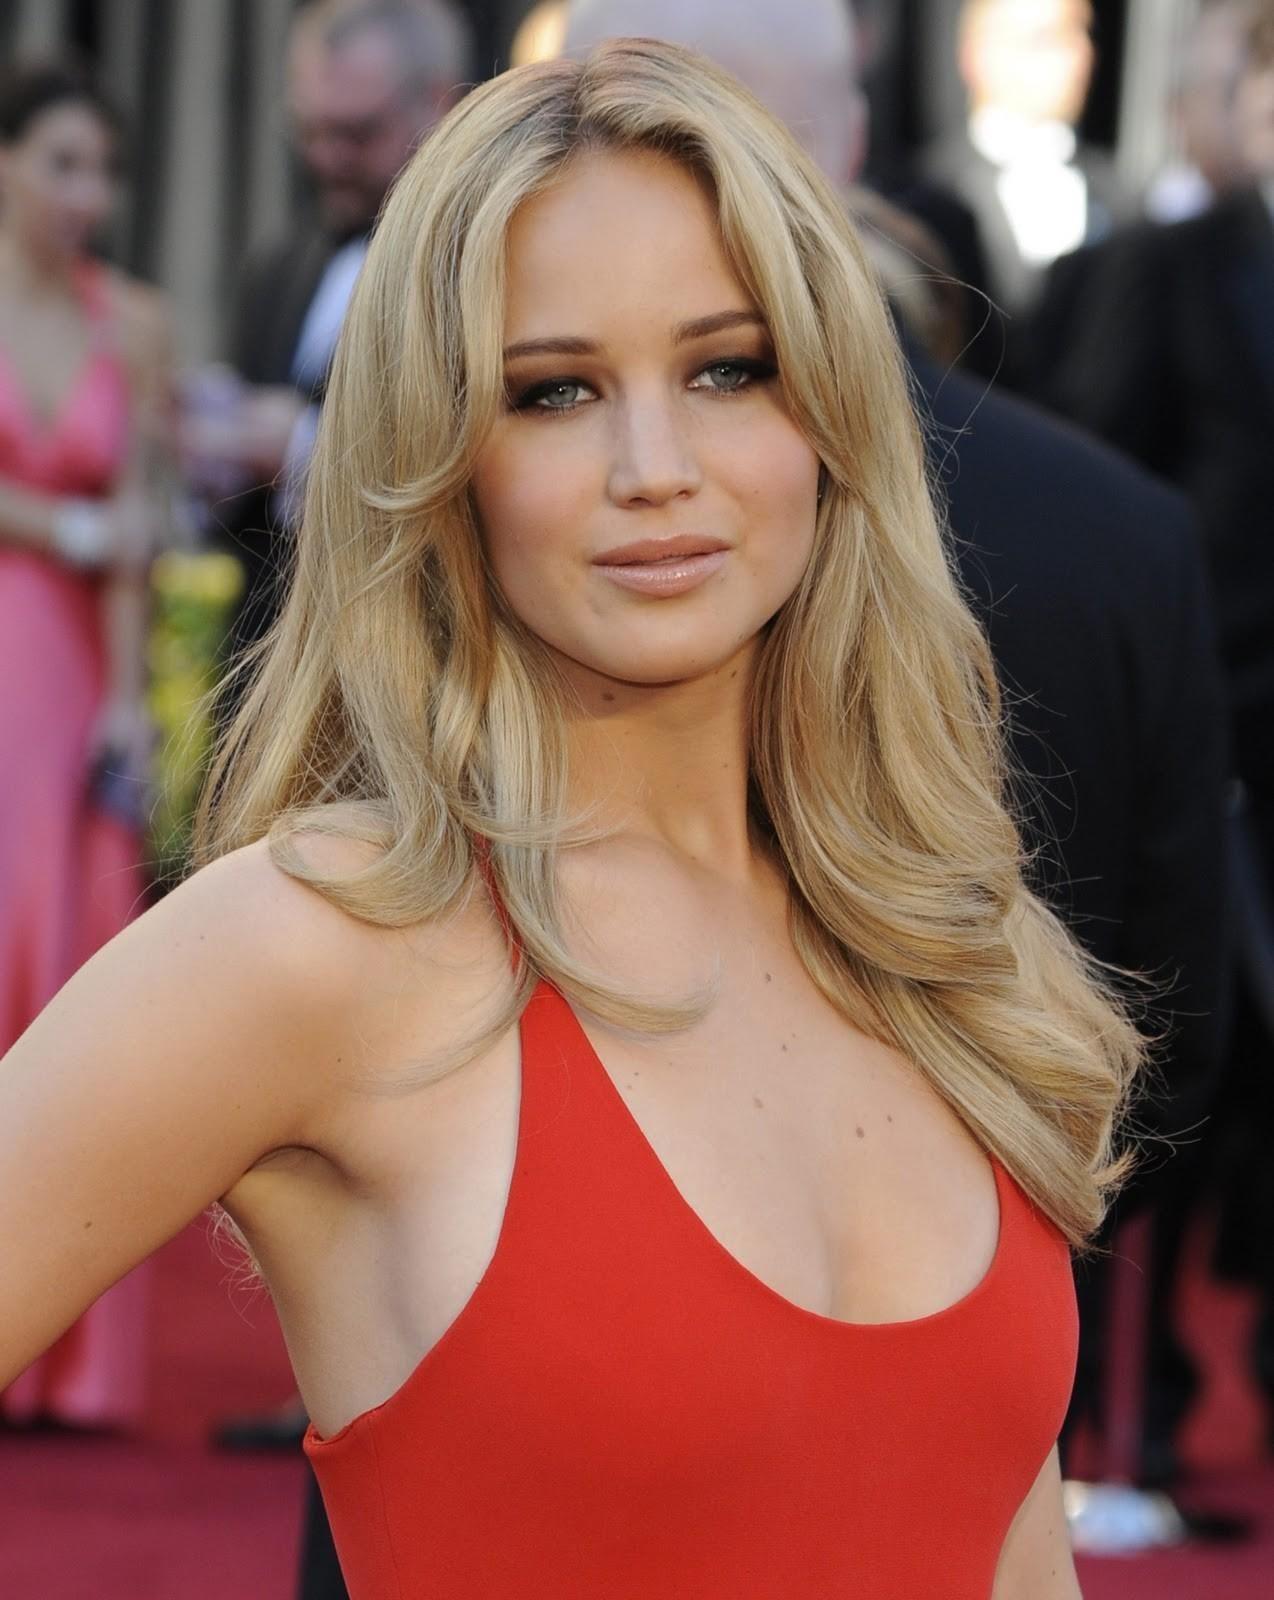 Nude celebrities free nude celebrities